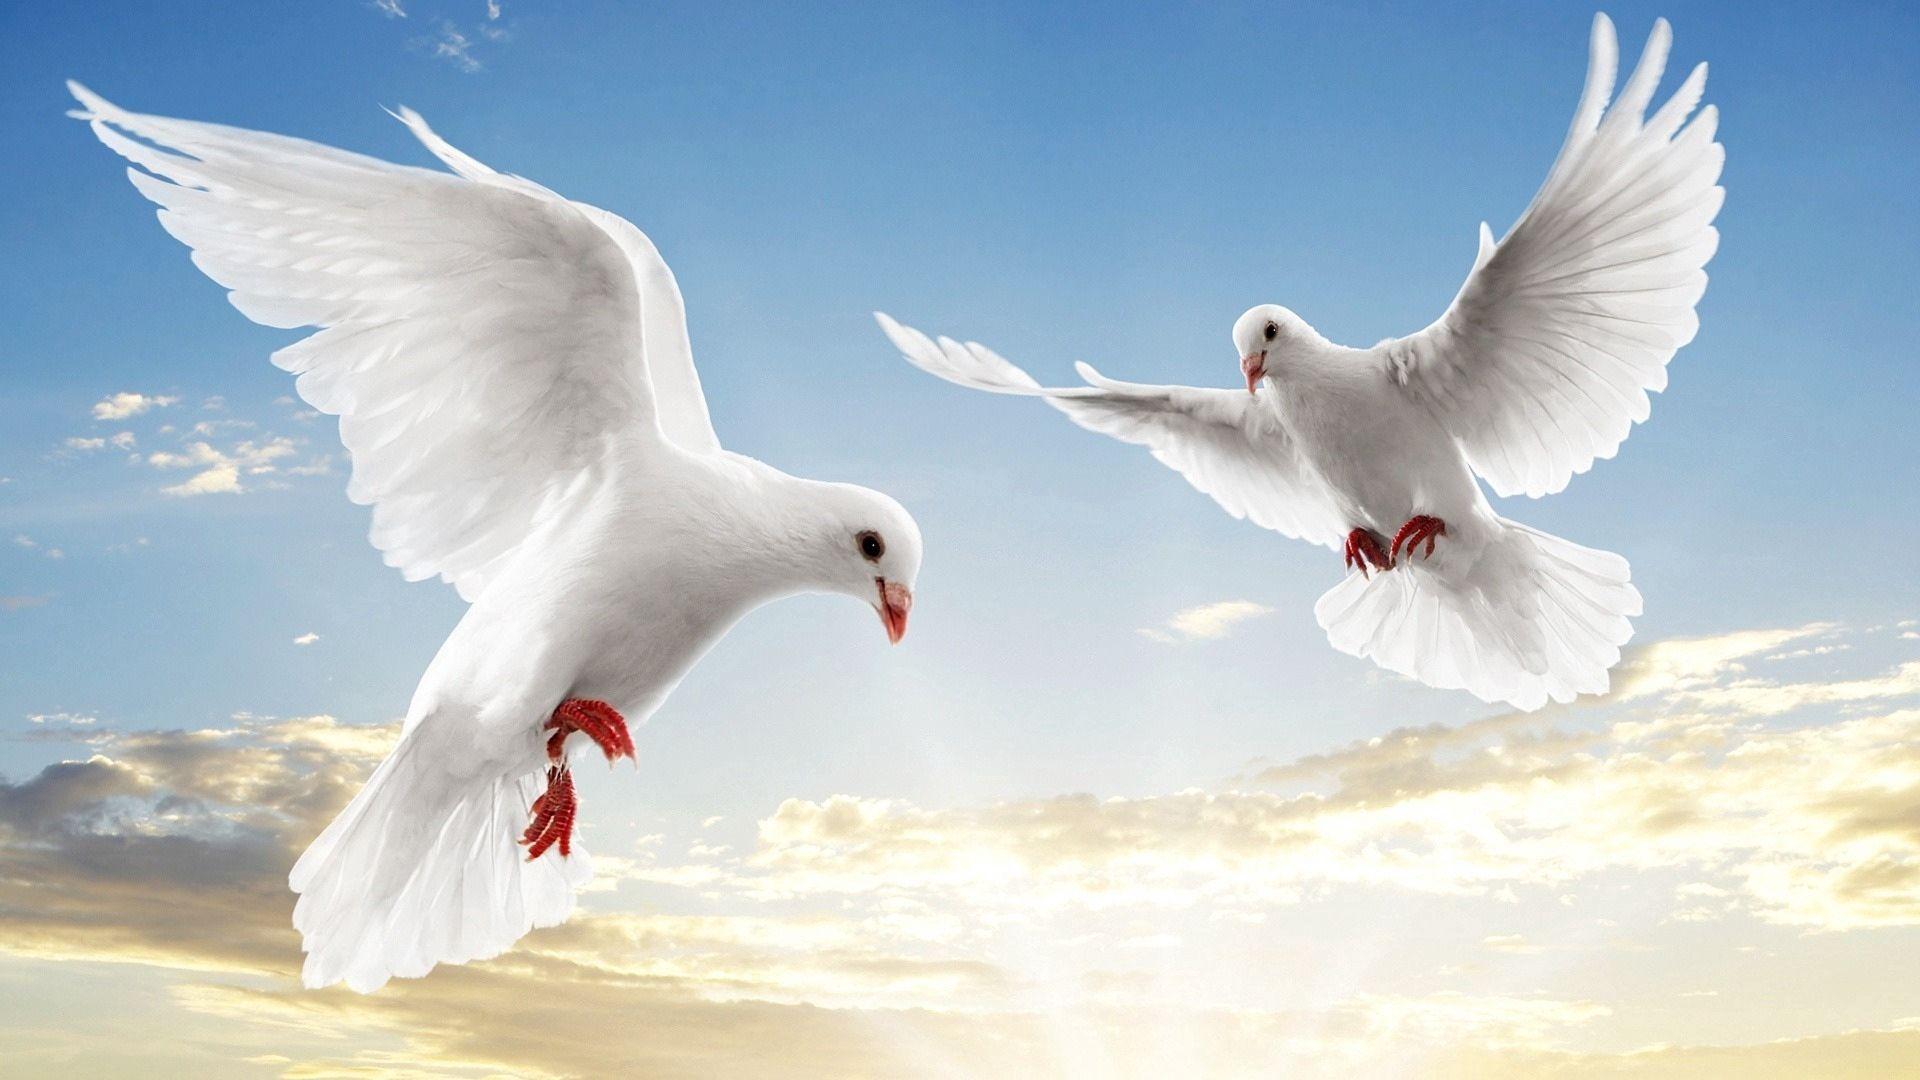 137542 télécharger le fond d'écran Animaux, Pigeons, Coupler, Paire, Vol, Sky, Briller, Lumière - économiseurs d'écran et images gratuitement